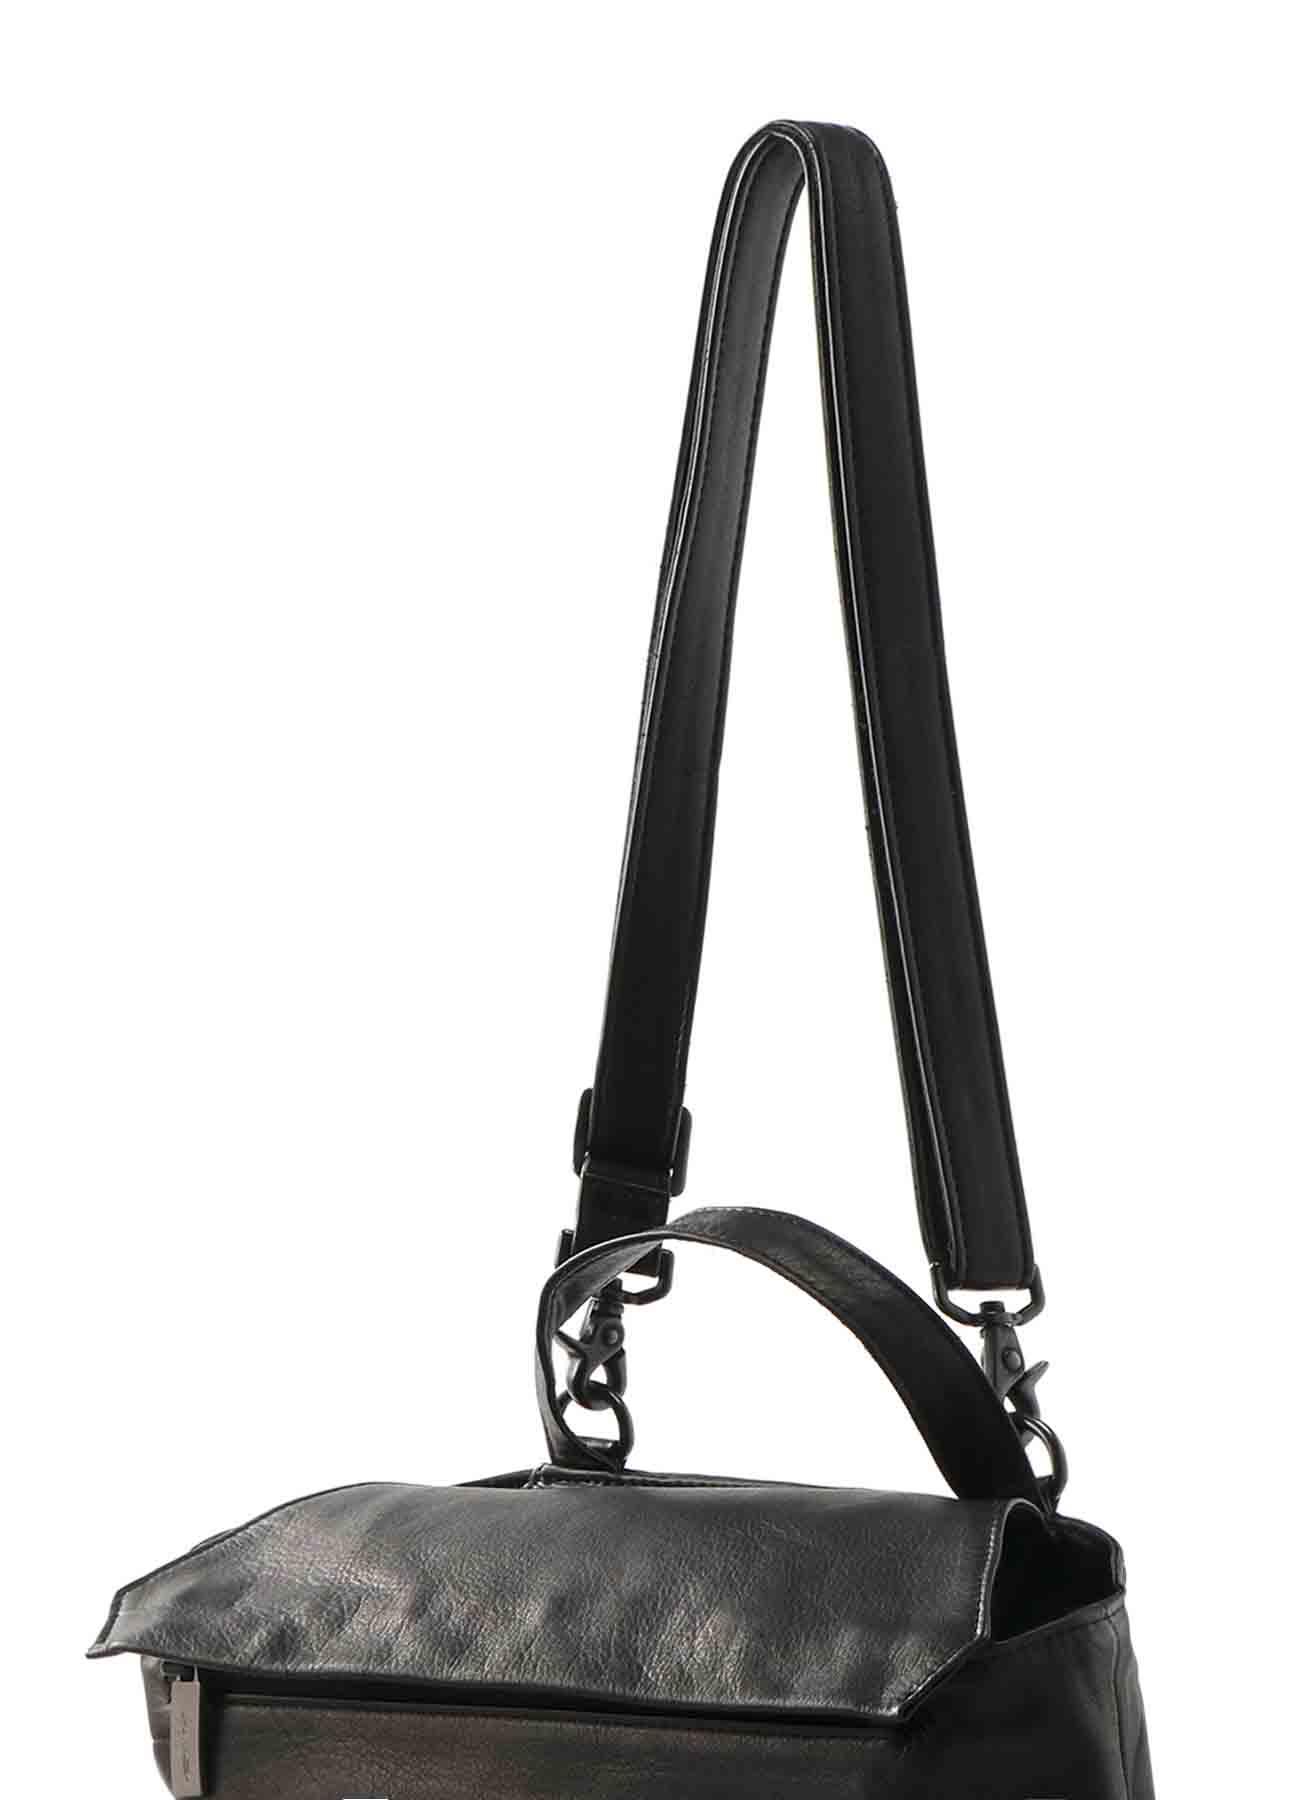 GARMENT LEATHER DRAPED SHOULDER BAG